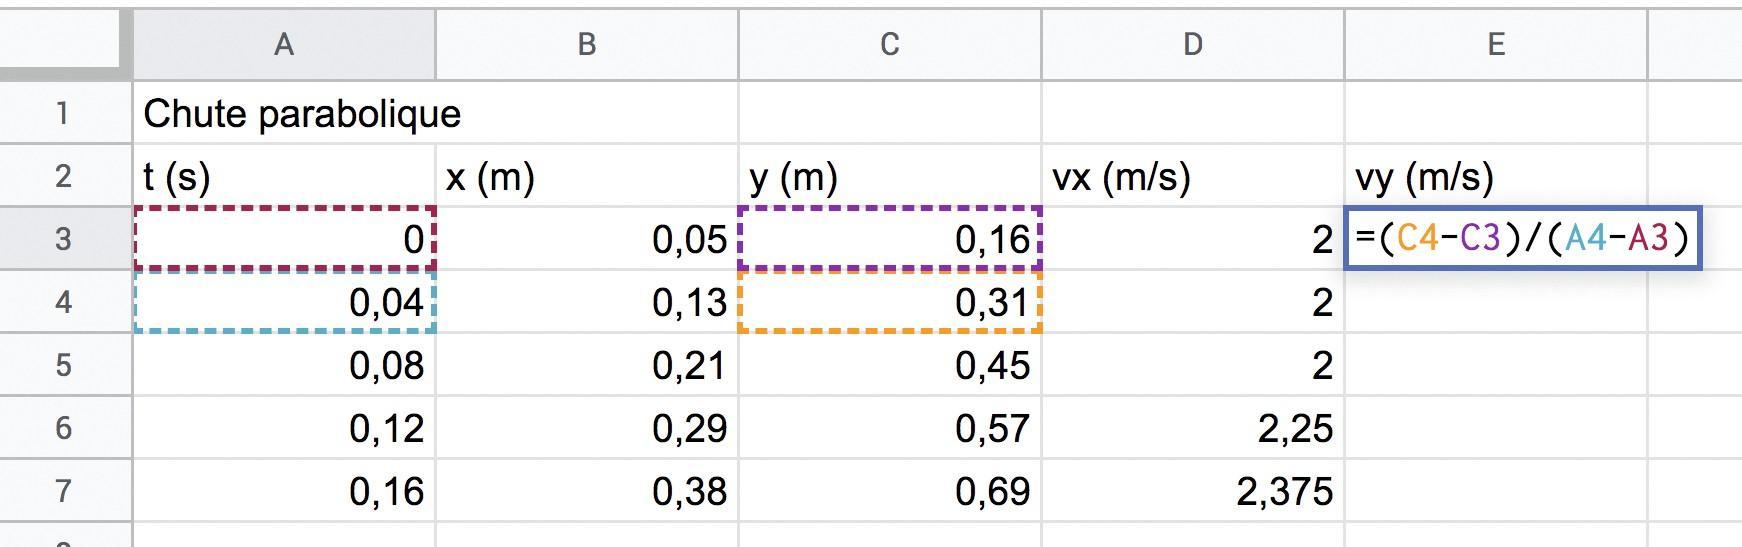 Exploitation d'un pointage : évolution de la vitesse